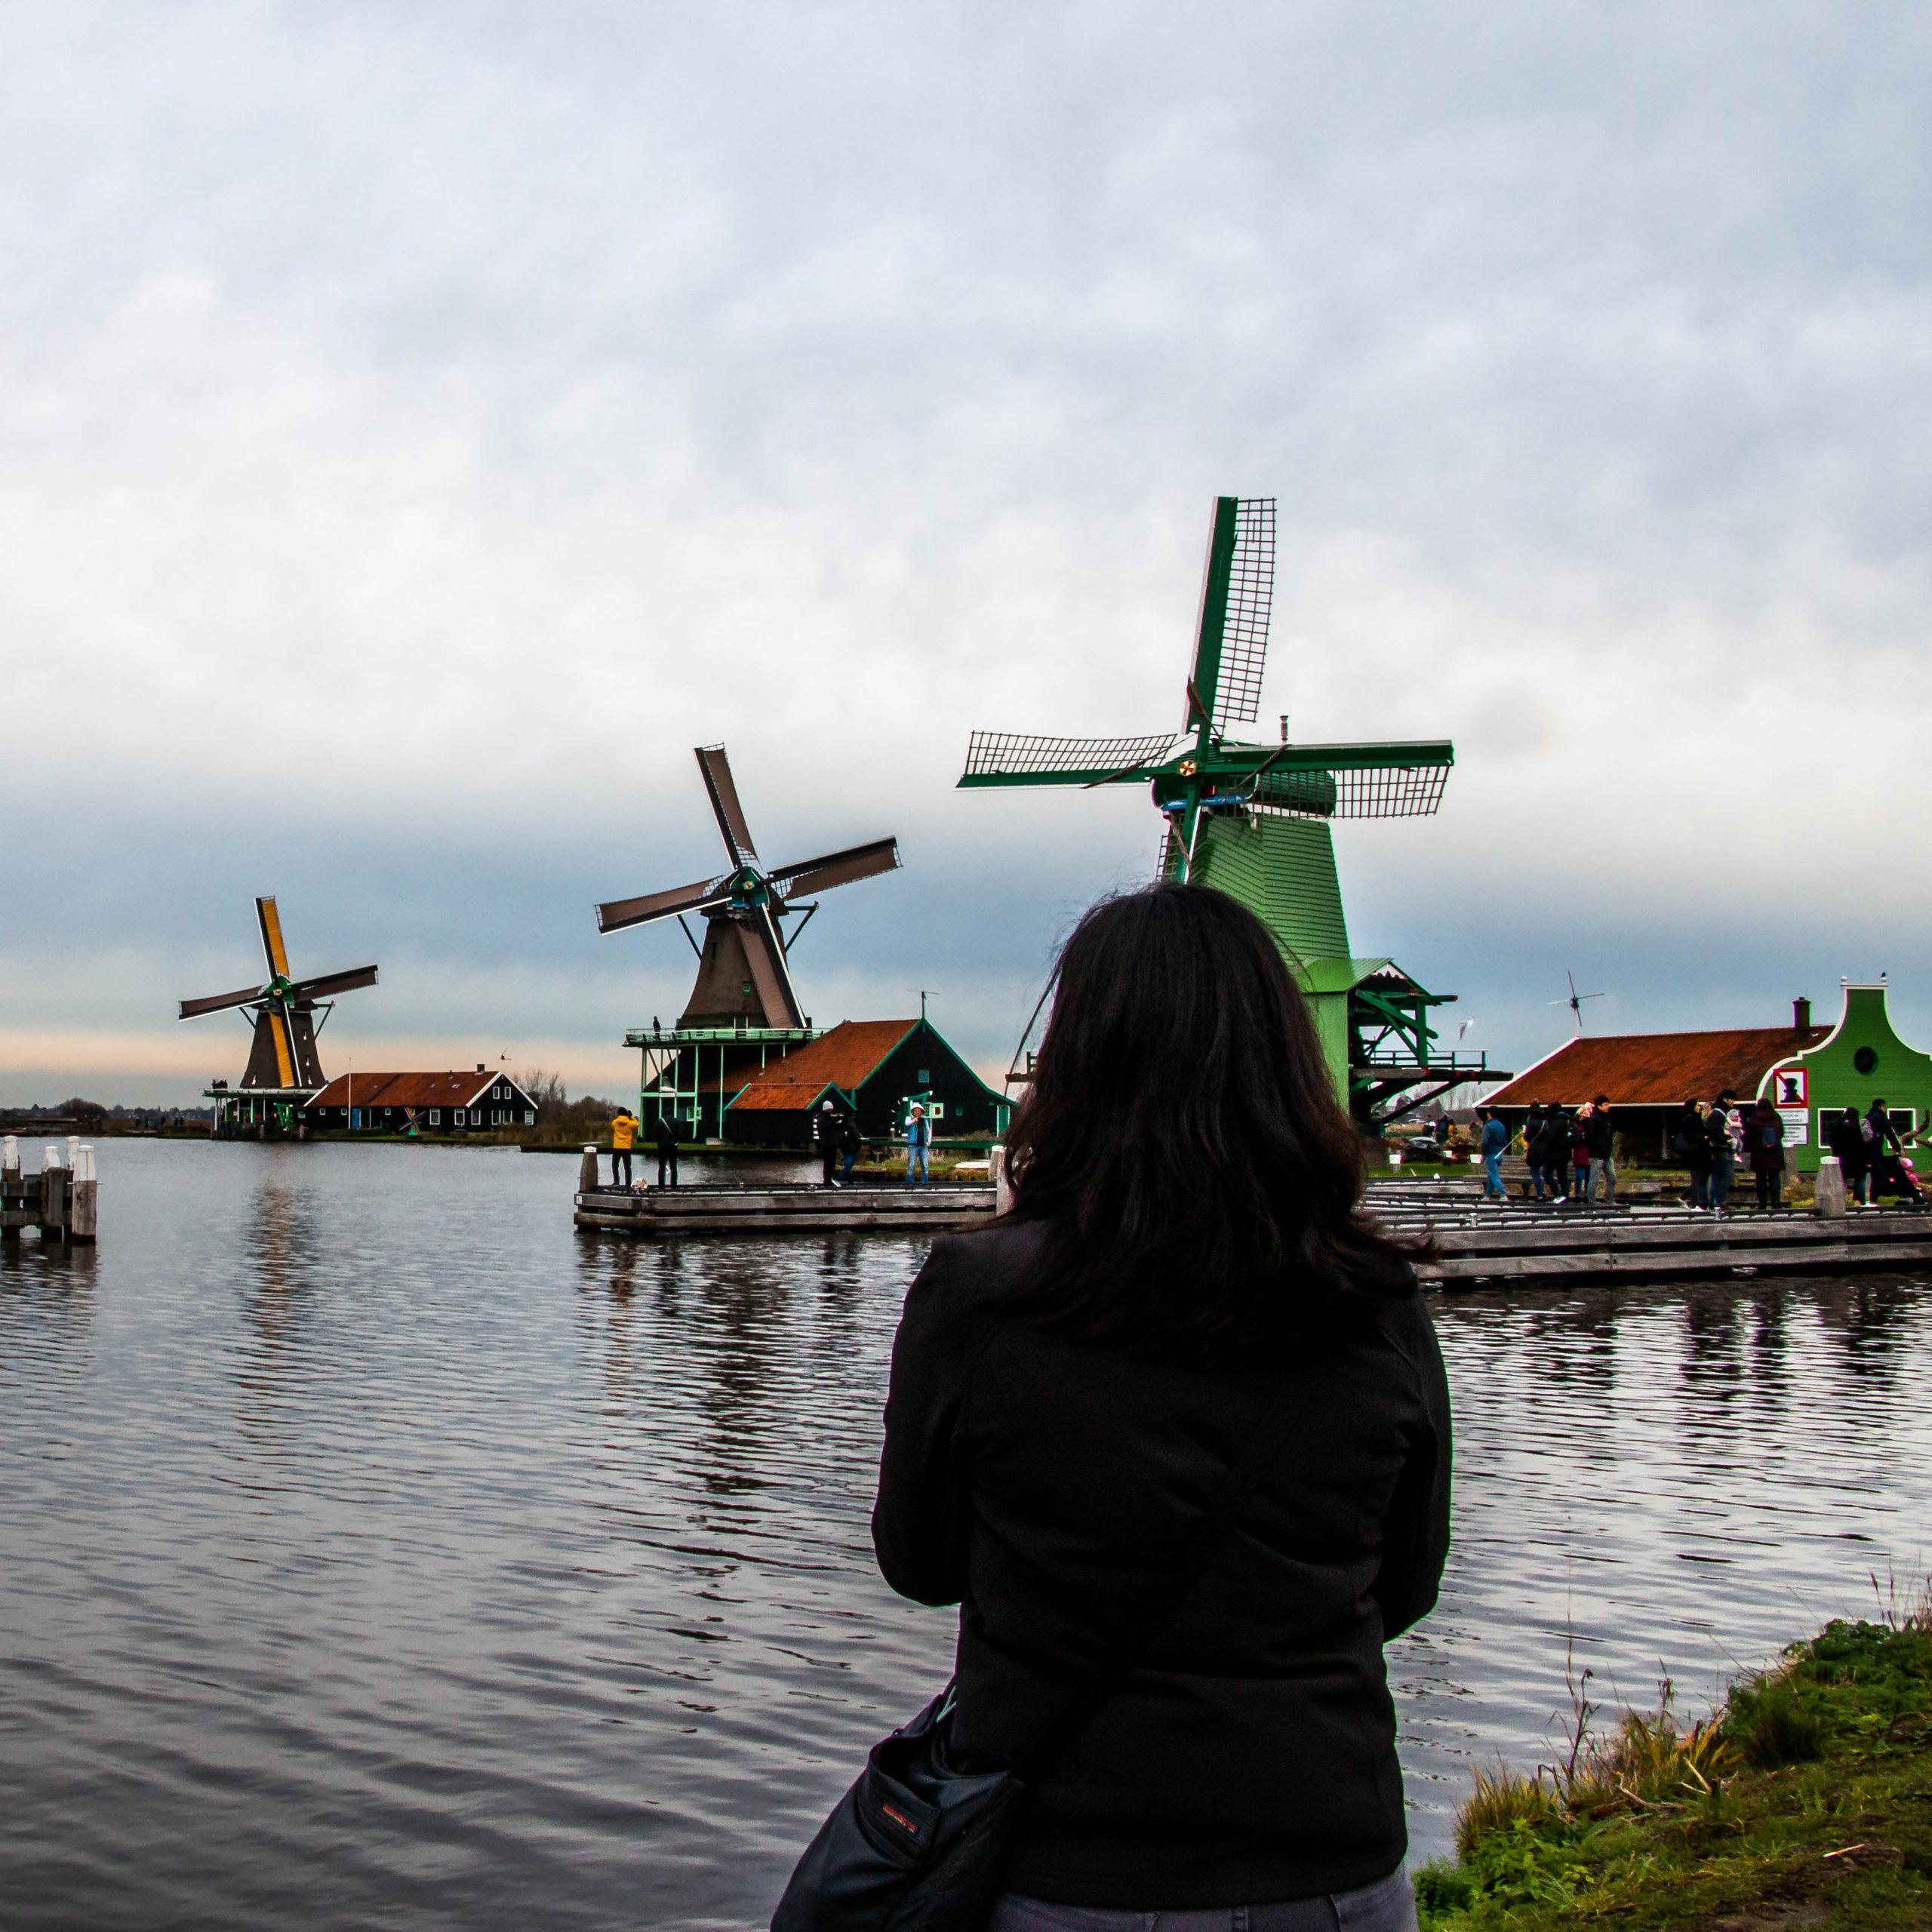 The Netherlands, www.roadsanddestinations.com